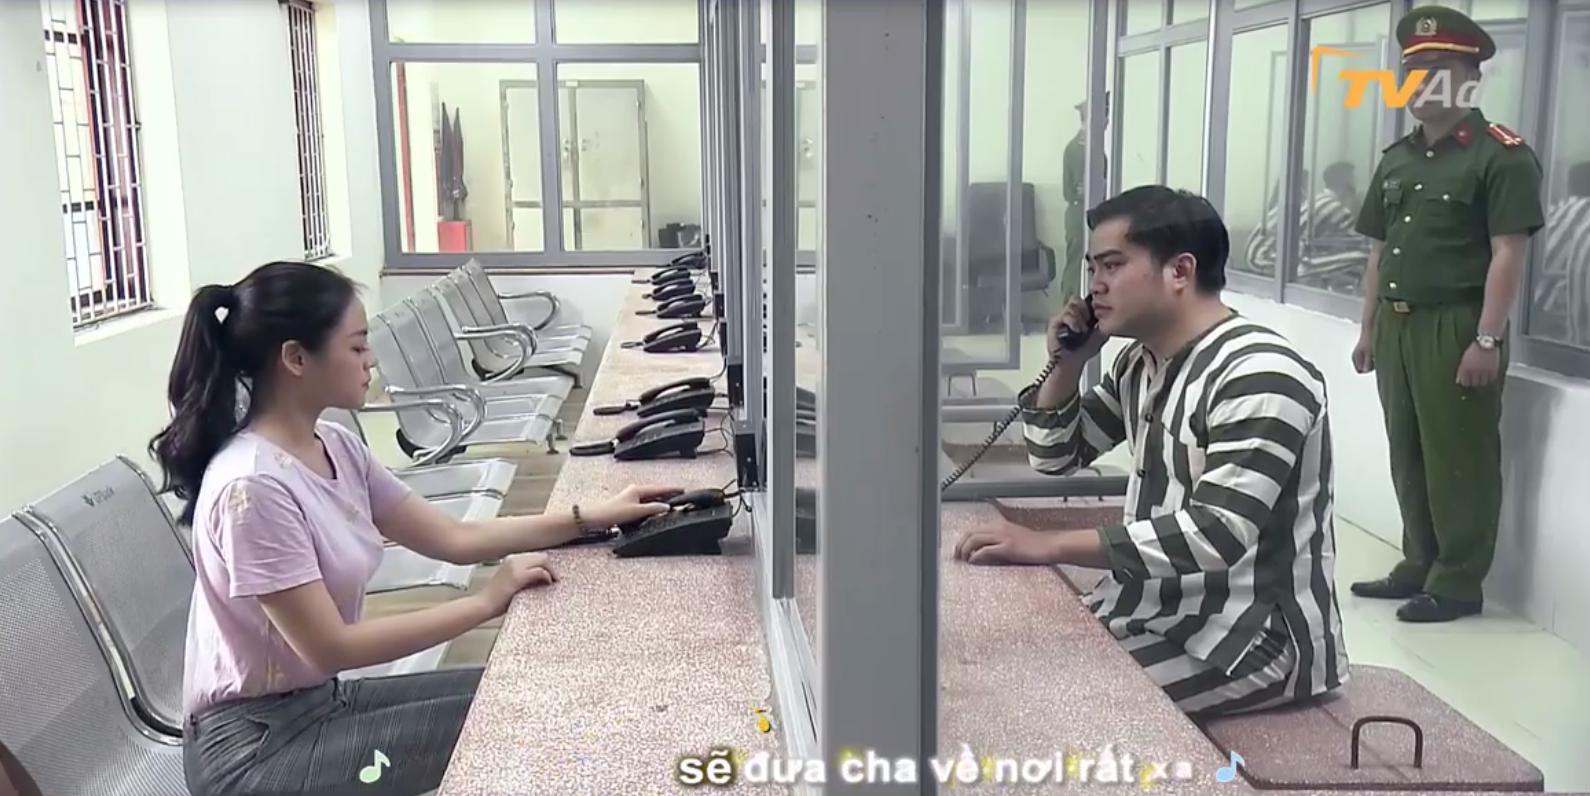 """Hot: Hé lộ cảnh Khải """"Về nhà đi con"""" mặc áo tù, Huệ đến thăm nhưng vẫn phũ phàng ra về - Ảnh 2."""